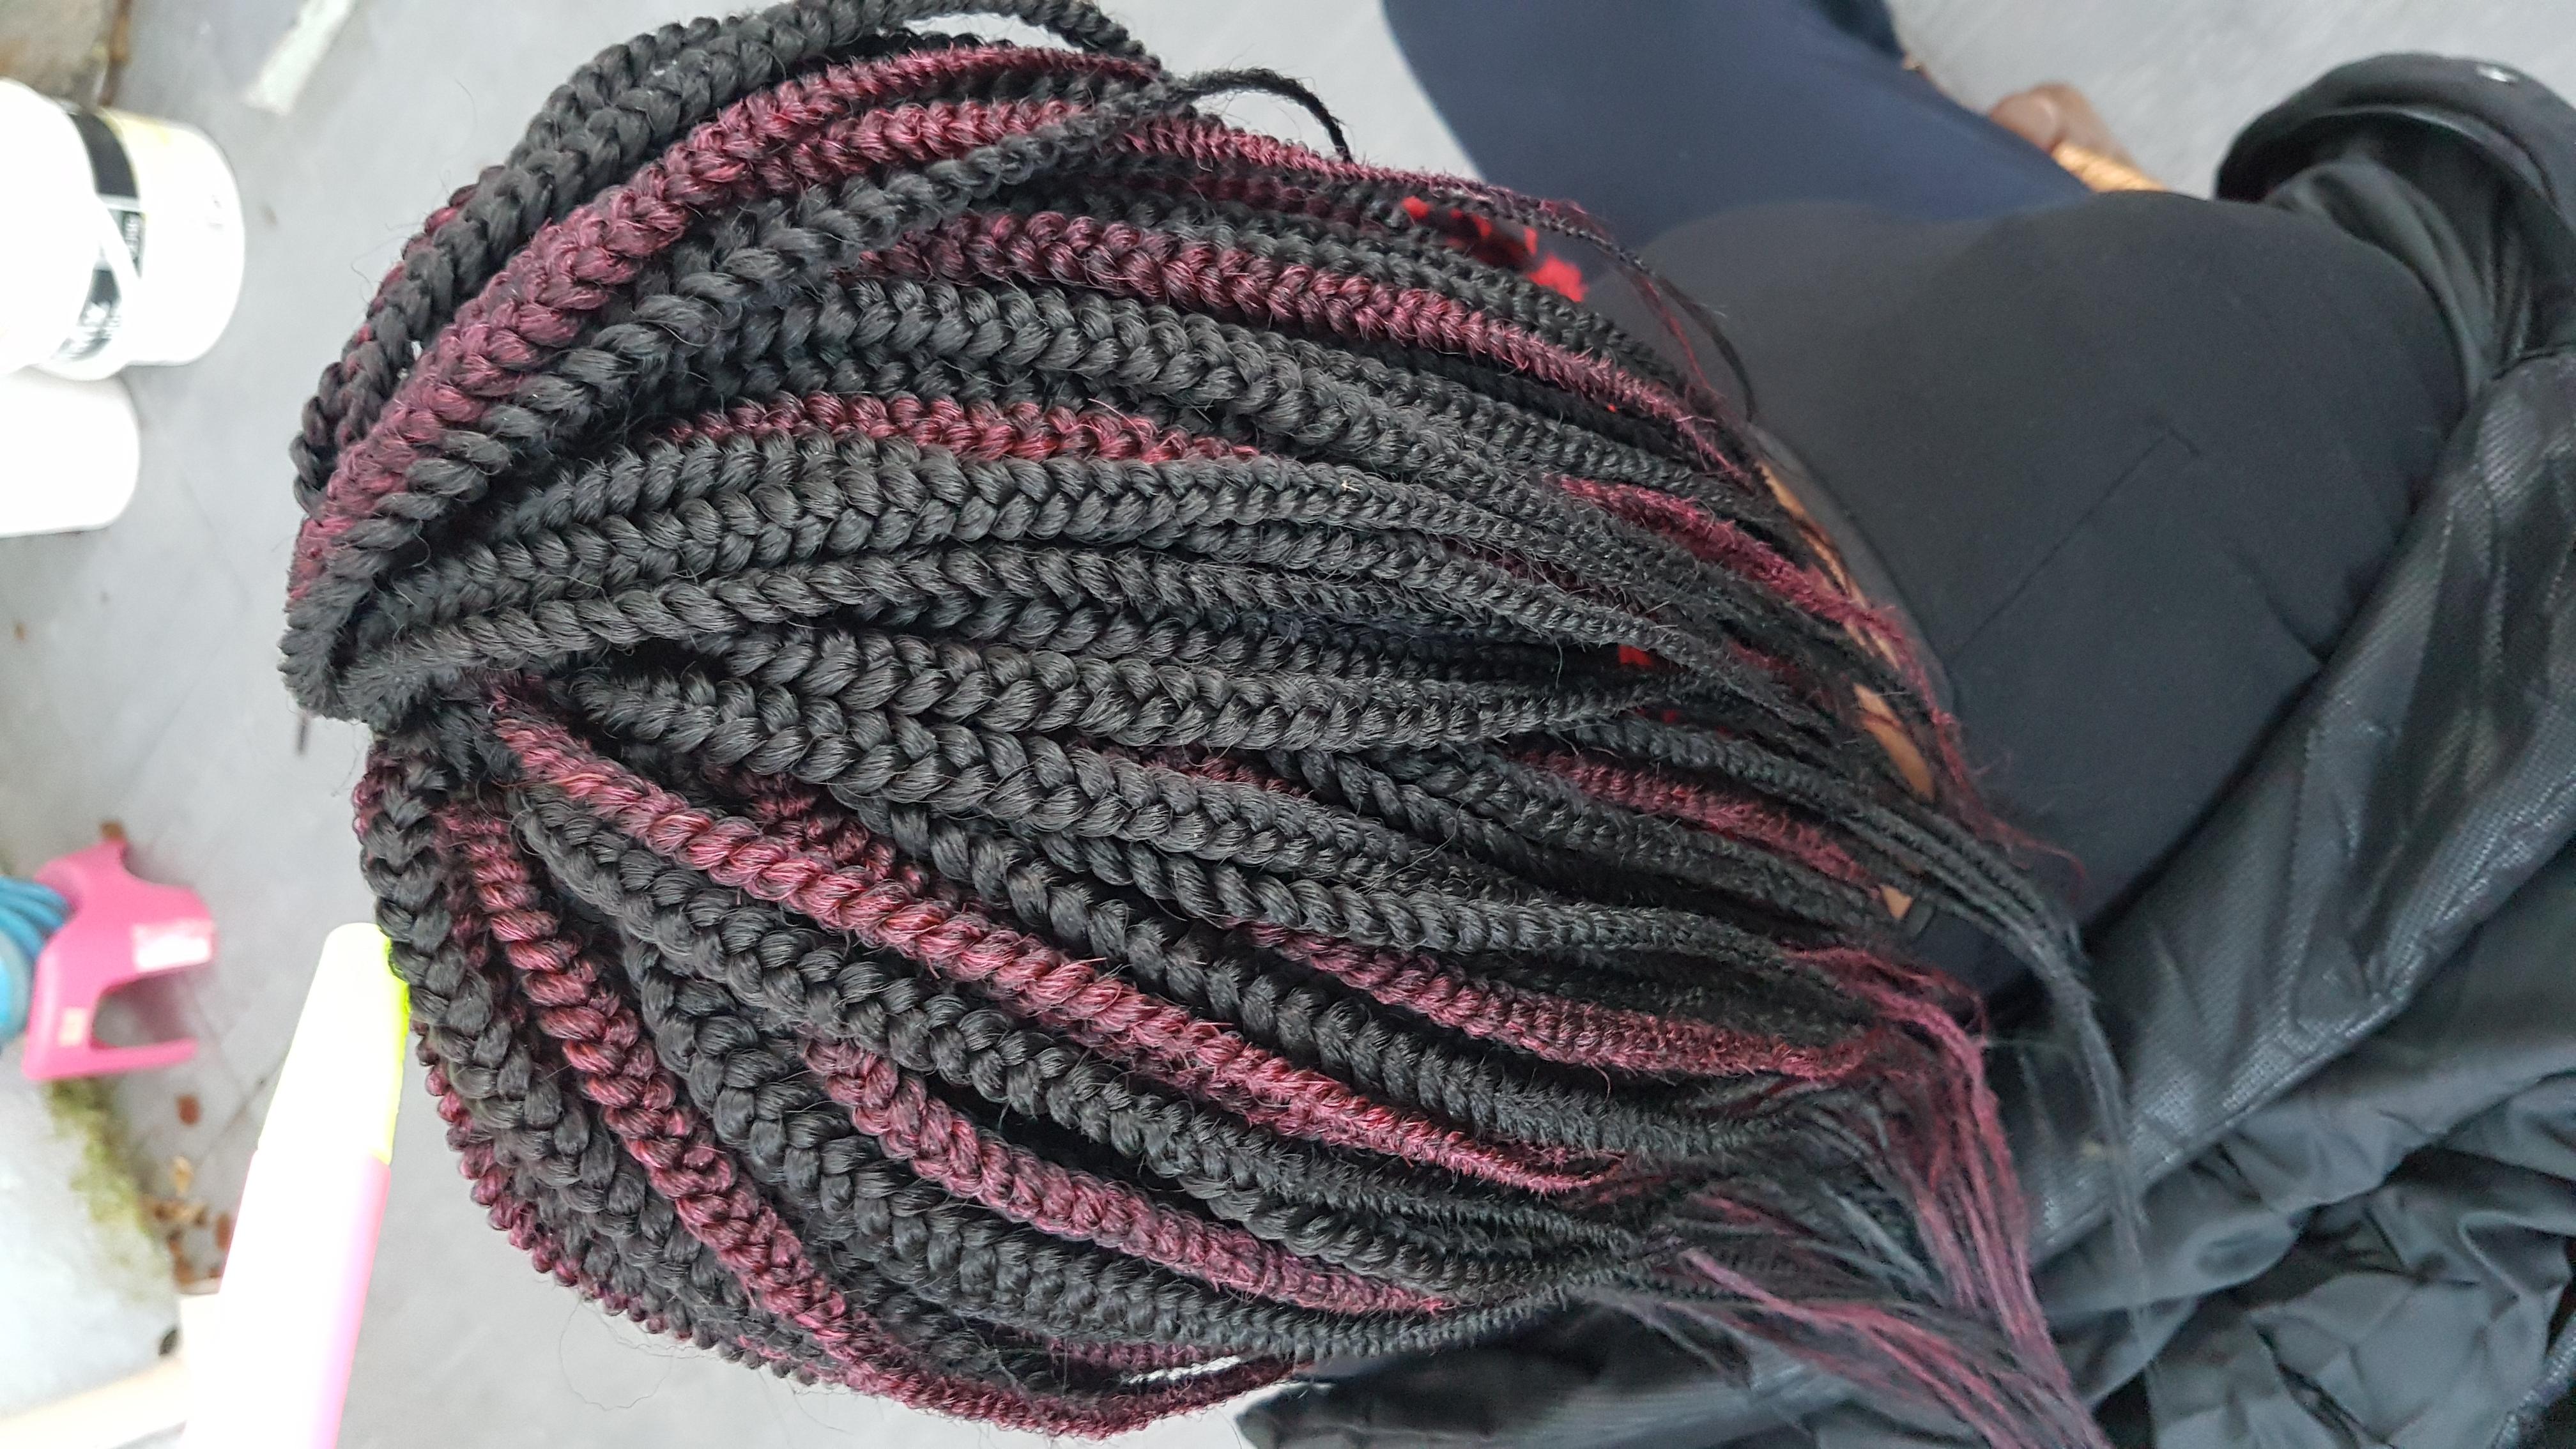 salon de coiffure afro tresse tresses box braids crochet braids vanilles tissages paris 75 77 78 91 92 93 94 95 EGJSCQOS